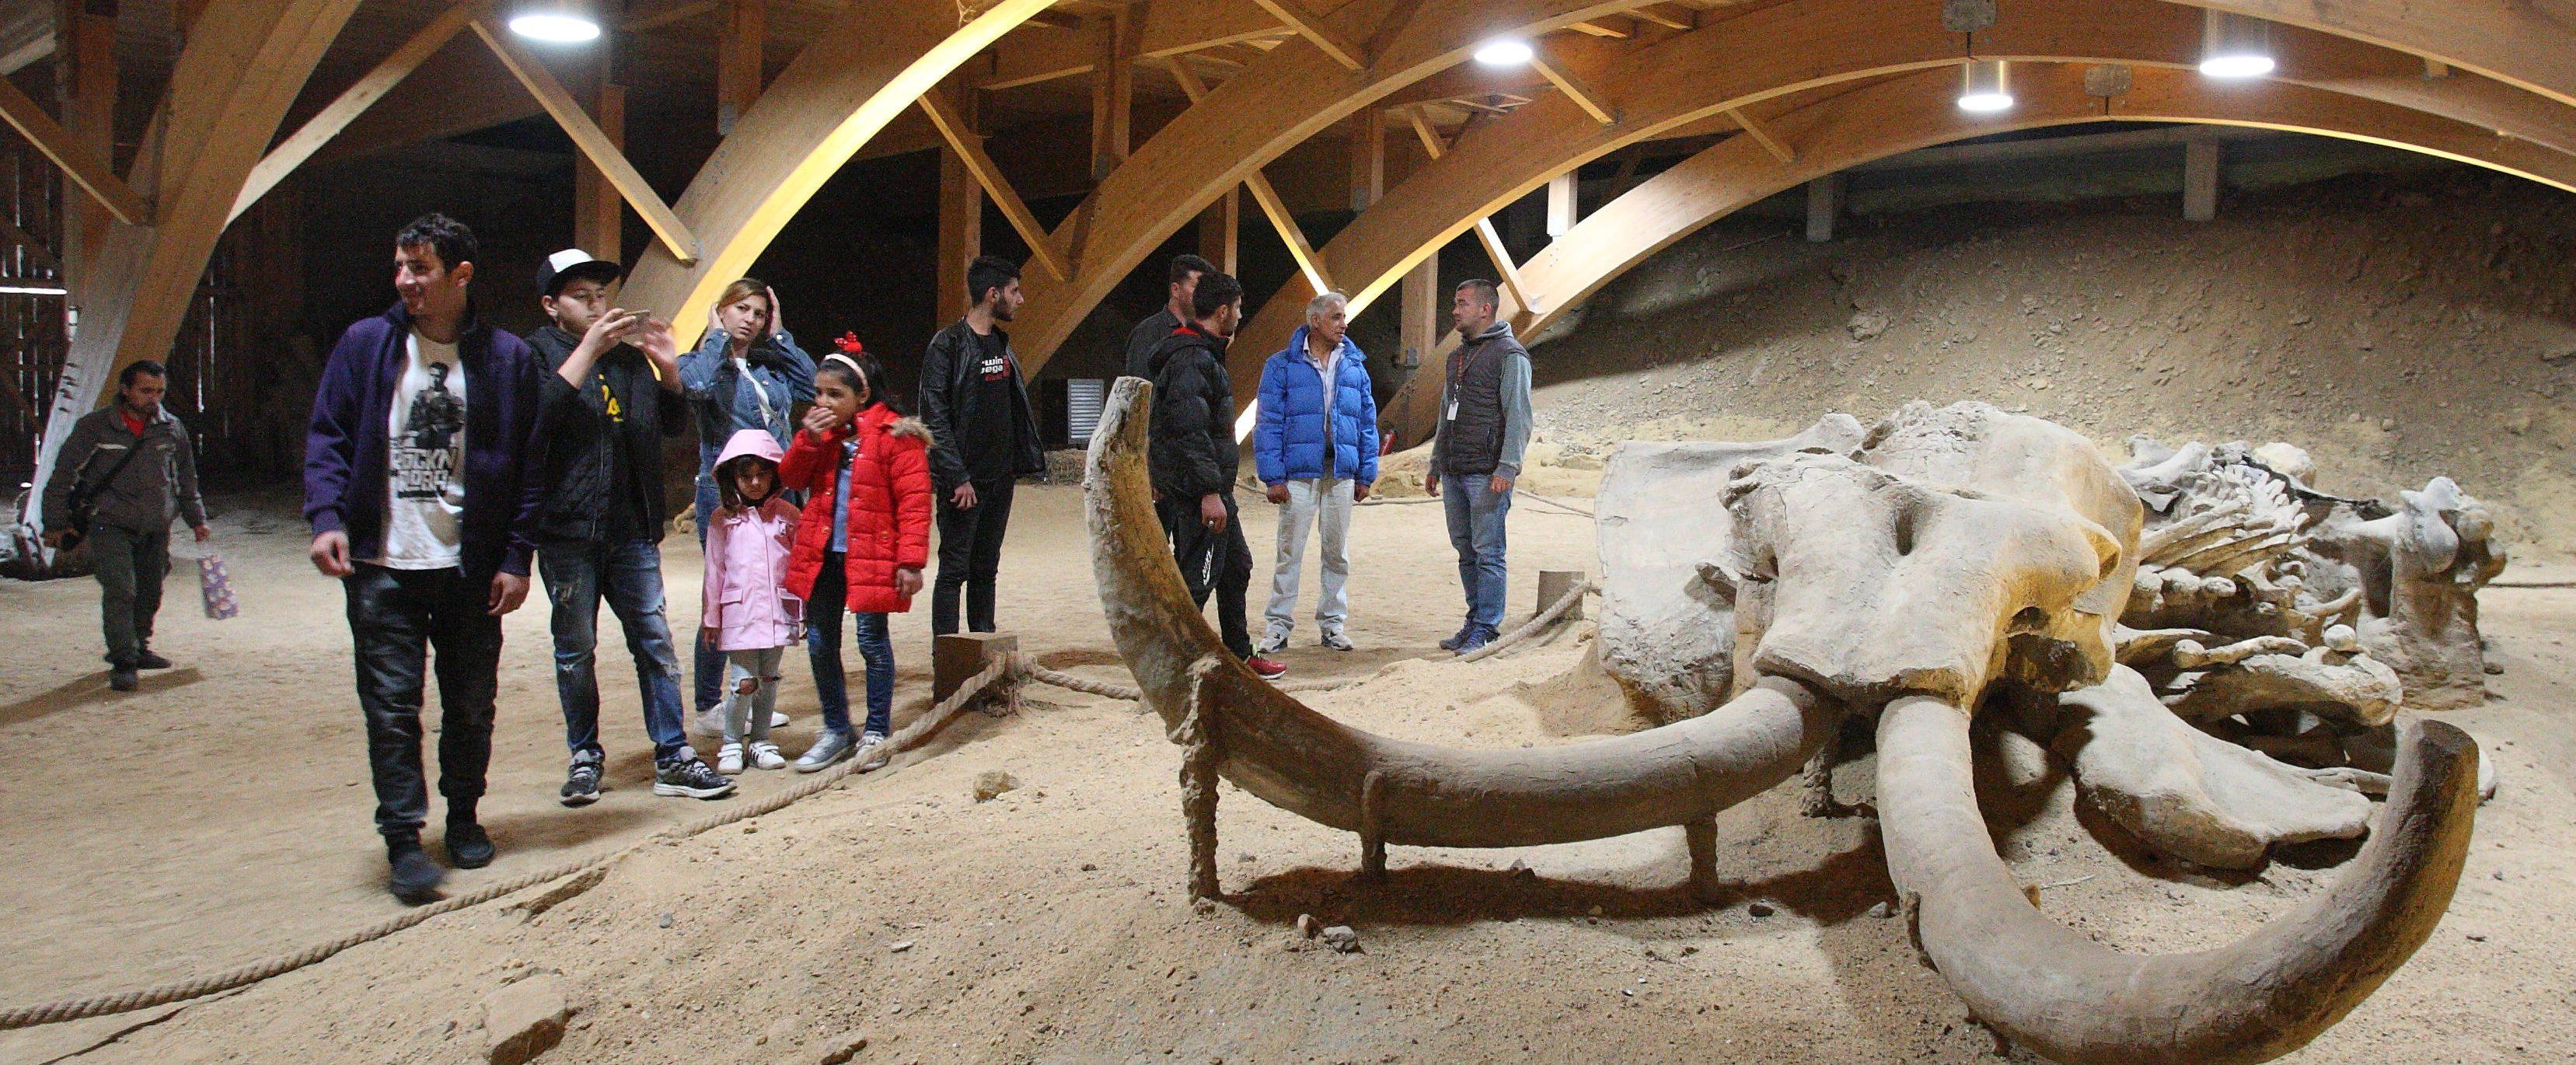 Migranti posetili arheološko nalazište i Zoološki vrt